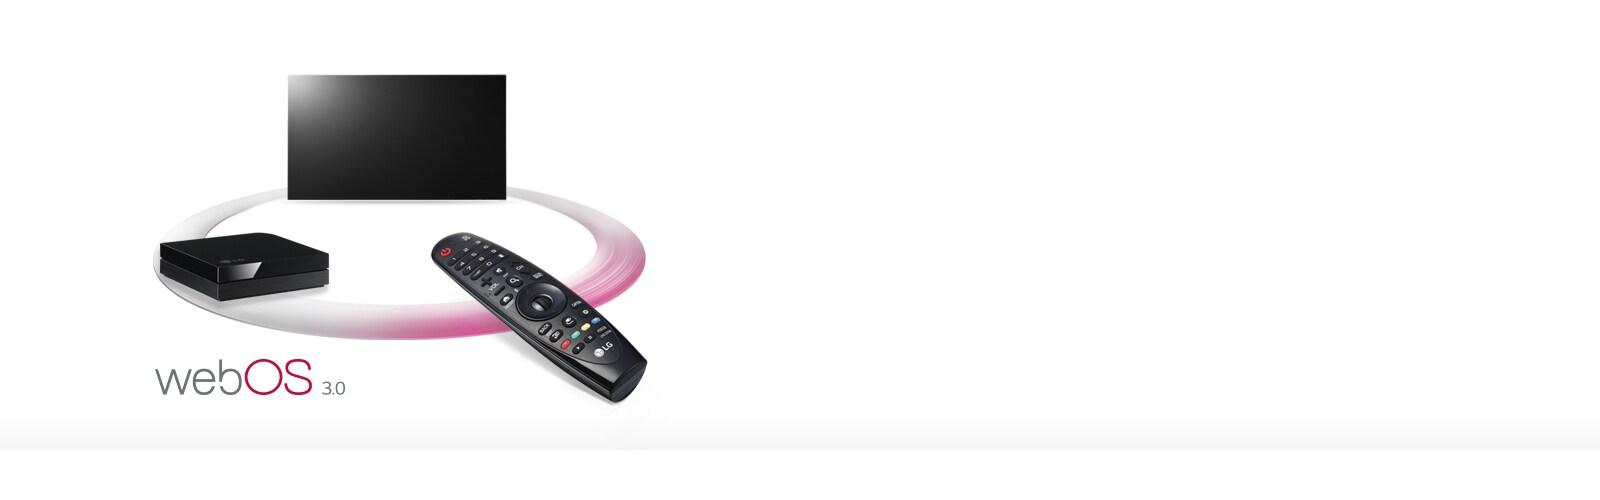 Magic Remote ควบคุมสมาร์ททีวีง่าย เสมือนเม้าส์ไร้สาย